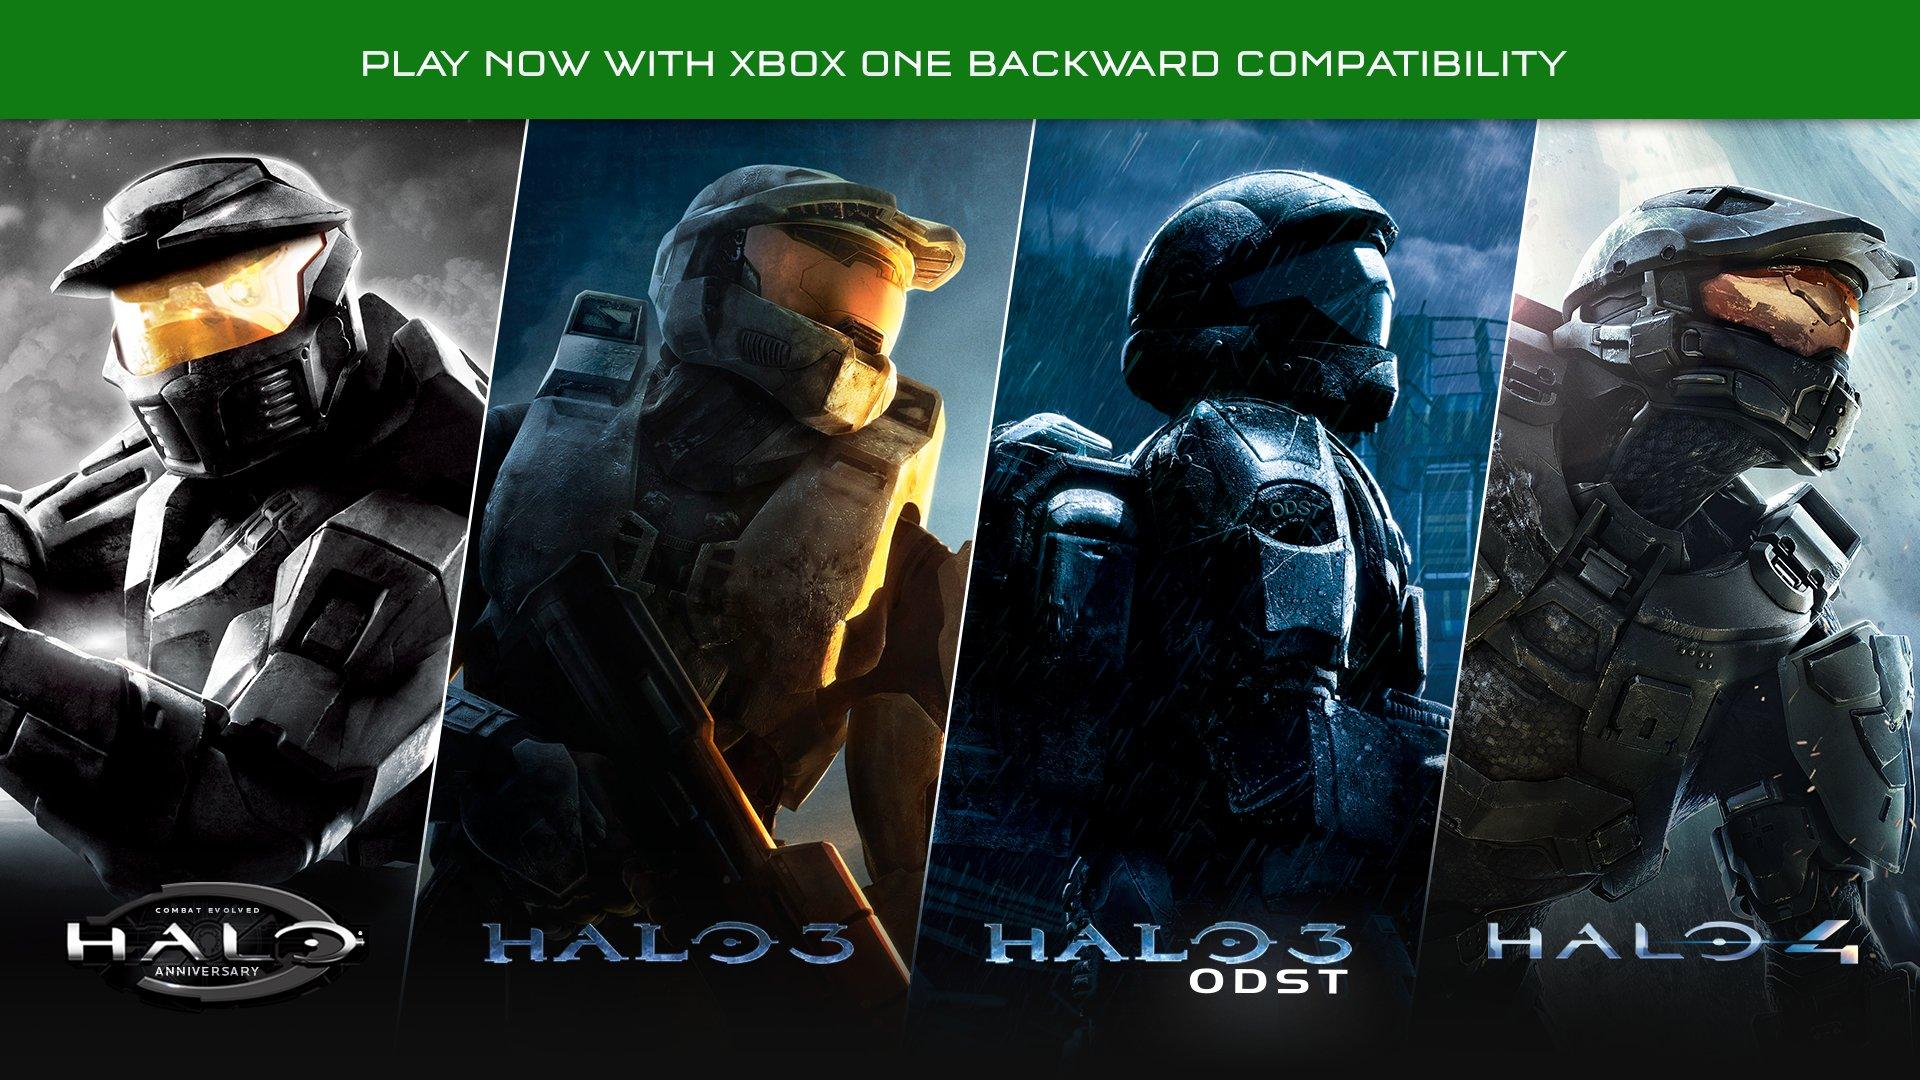 S Halo 4 proto vyvstala jedna zásadní otázka - jak to dopadne pod vedením.